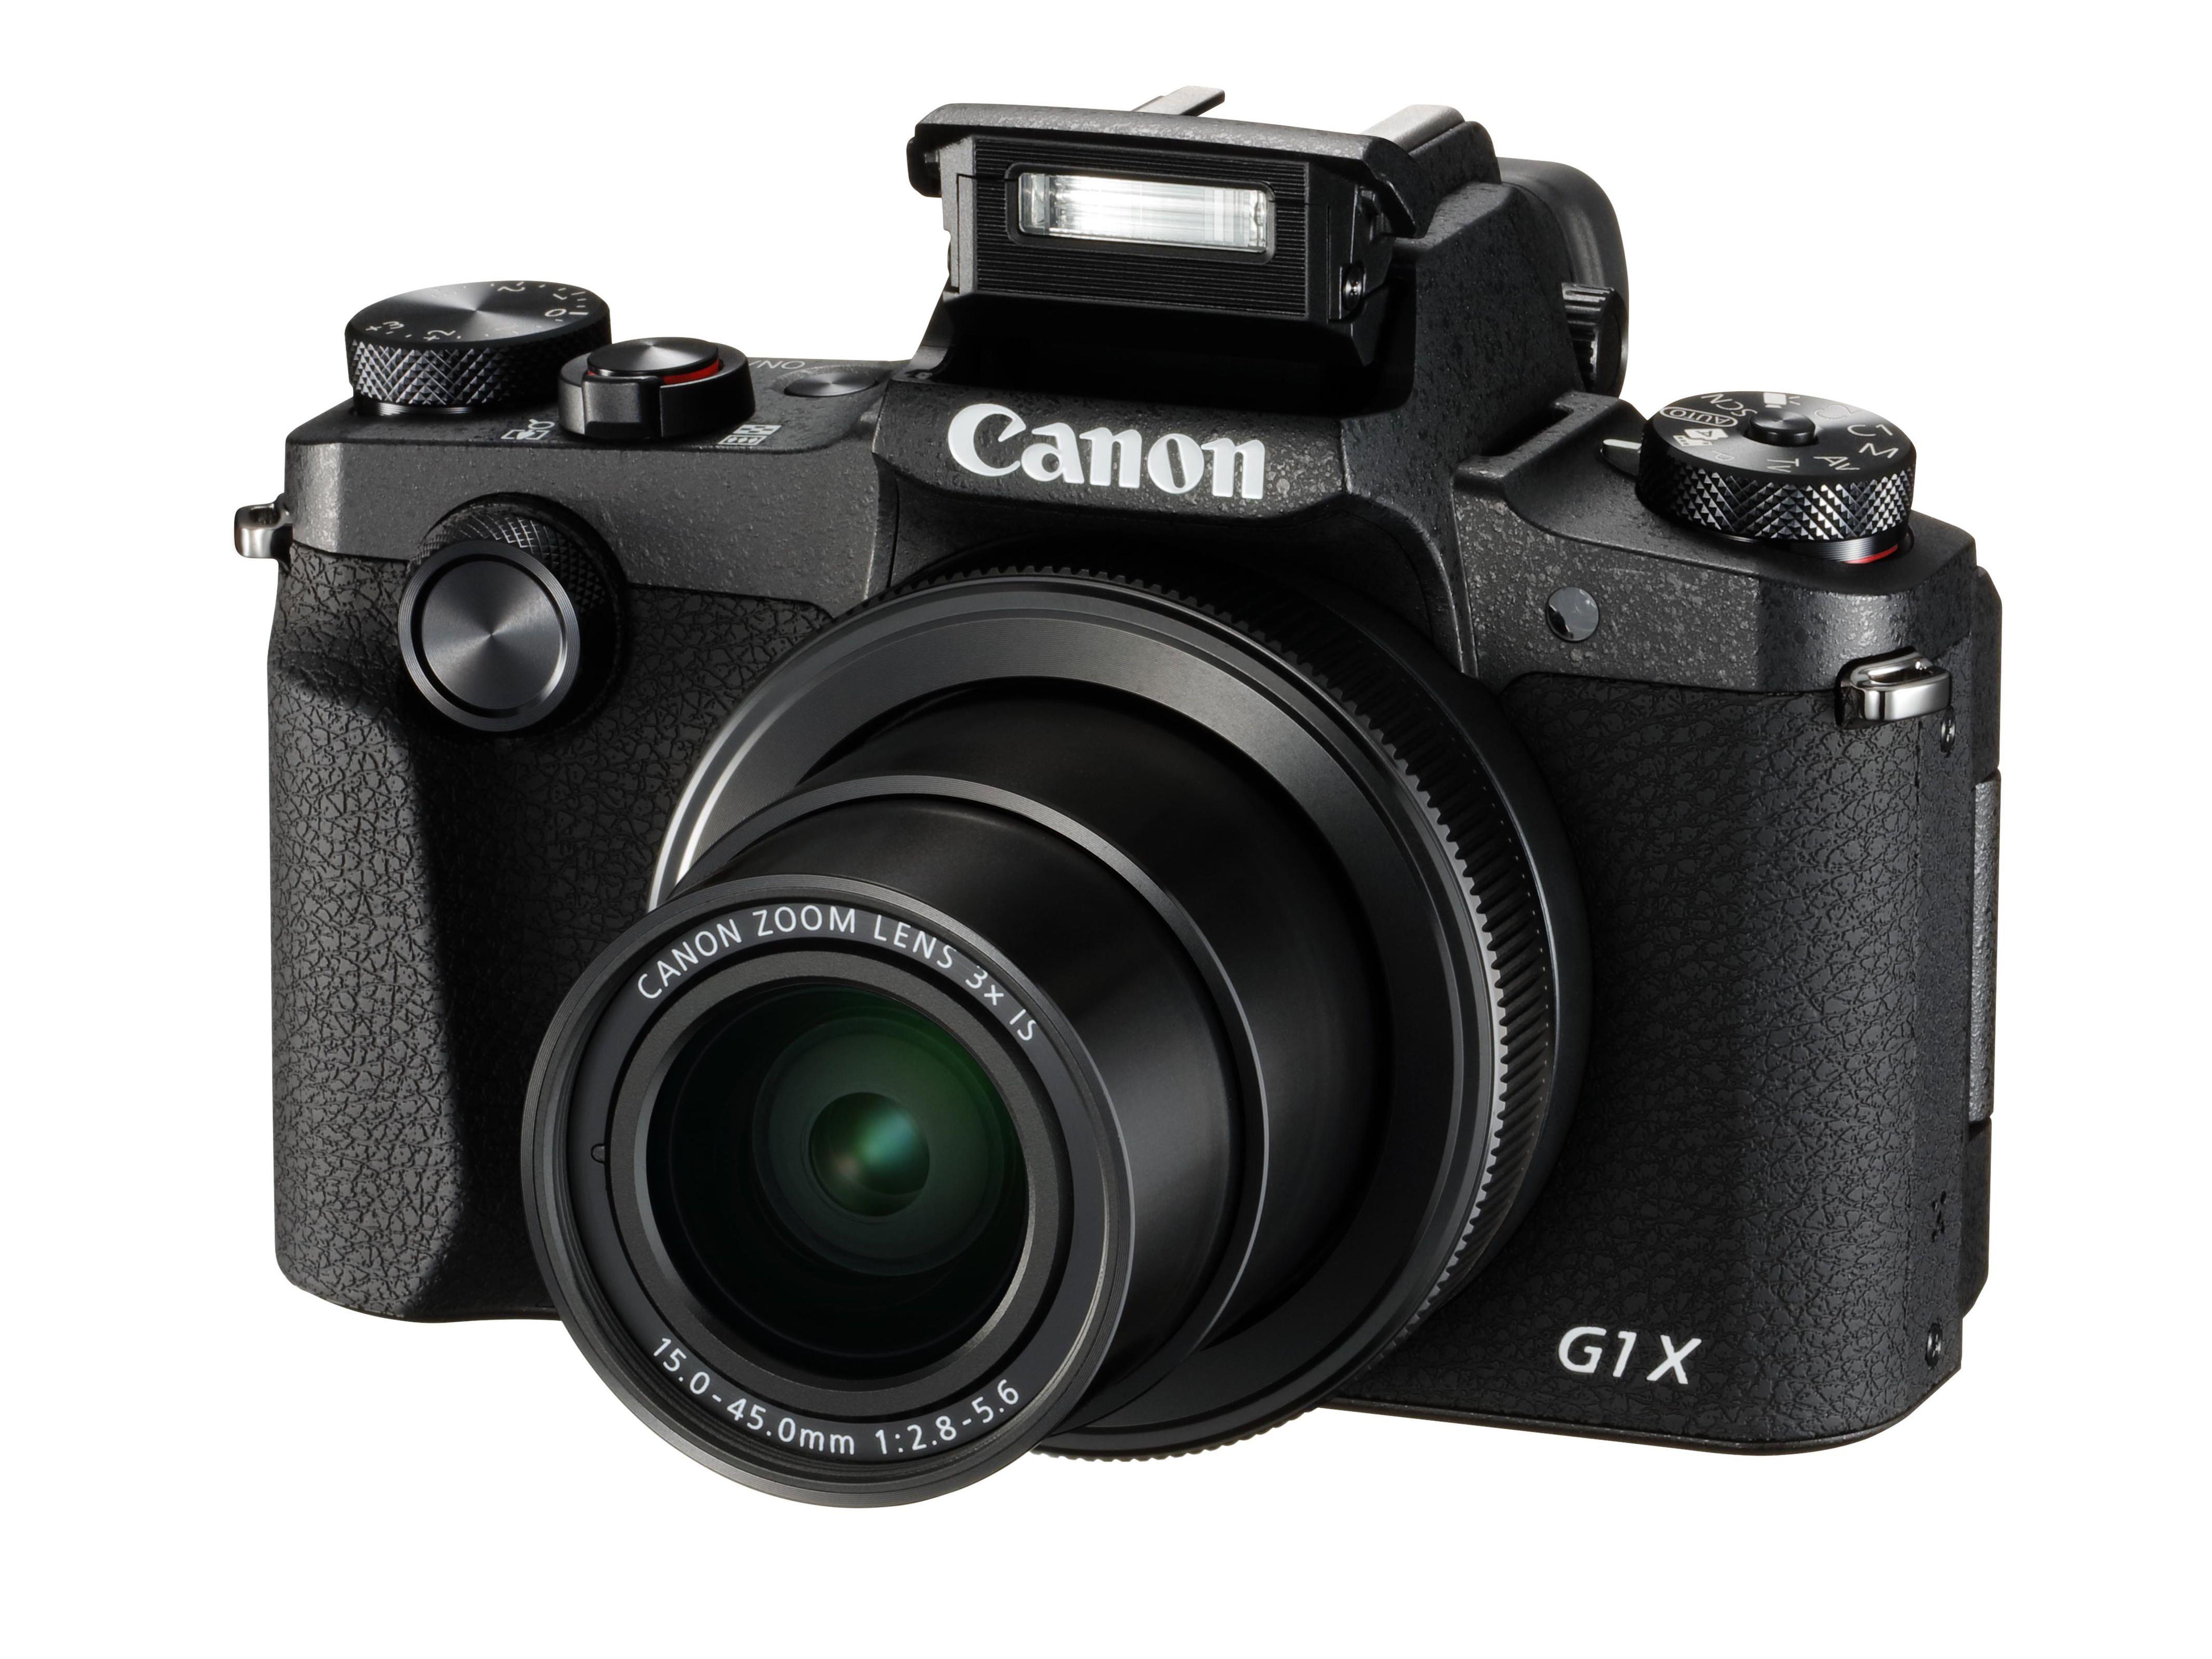 Canon - Camera Reviews - CNET